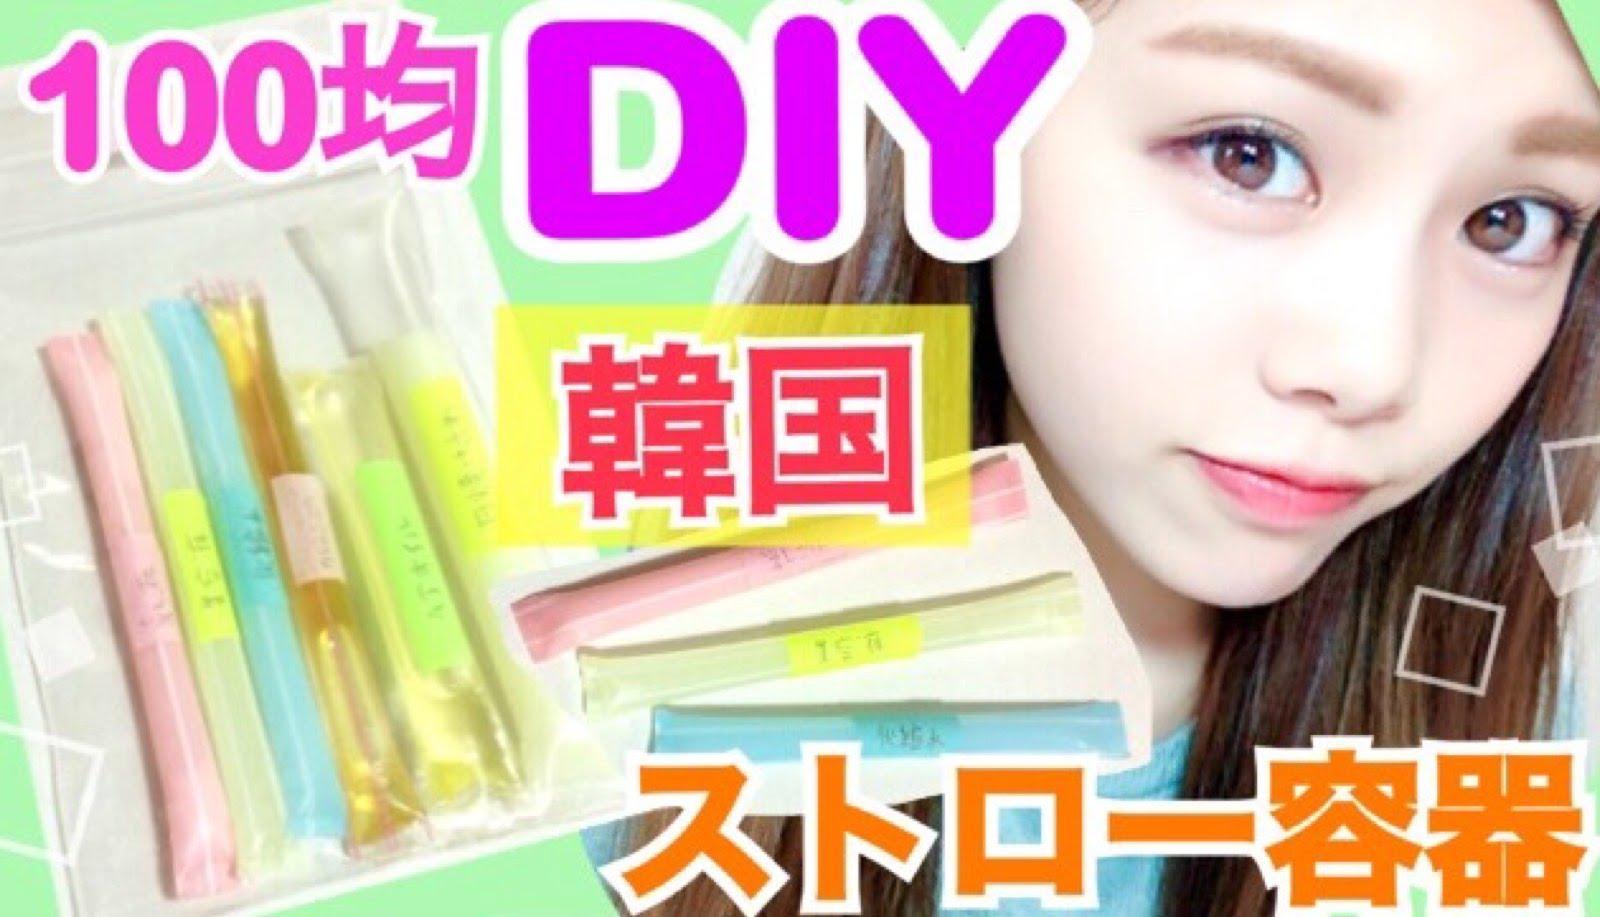 【100均DIY】韓国で話題◆流行りの化粧品携帯ストロー容器の作り方!旅行に便利グッズ!収納アイデア!池田真子 한국